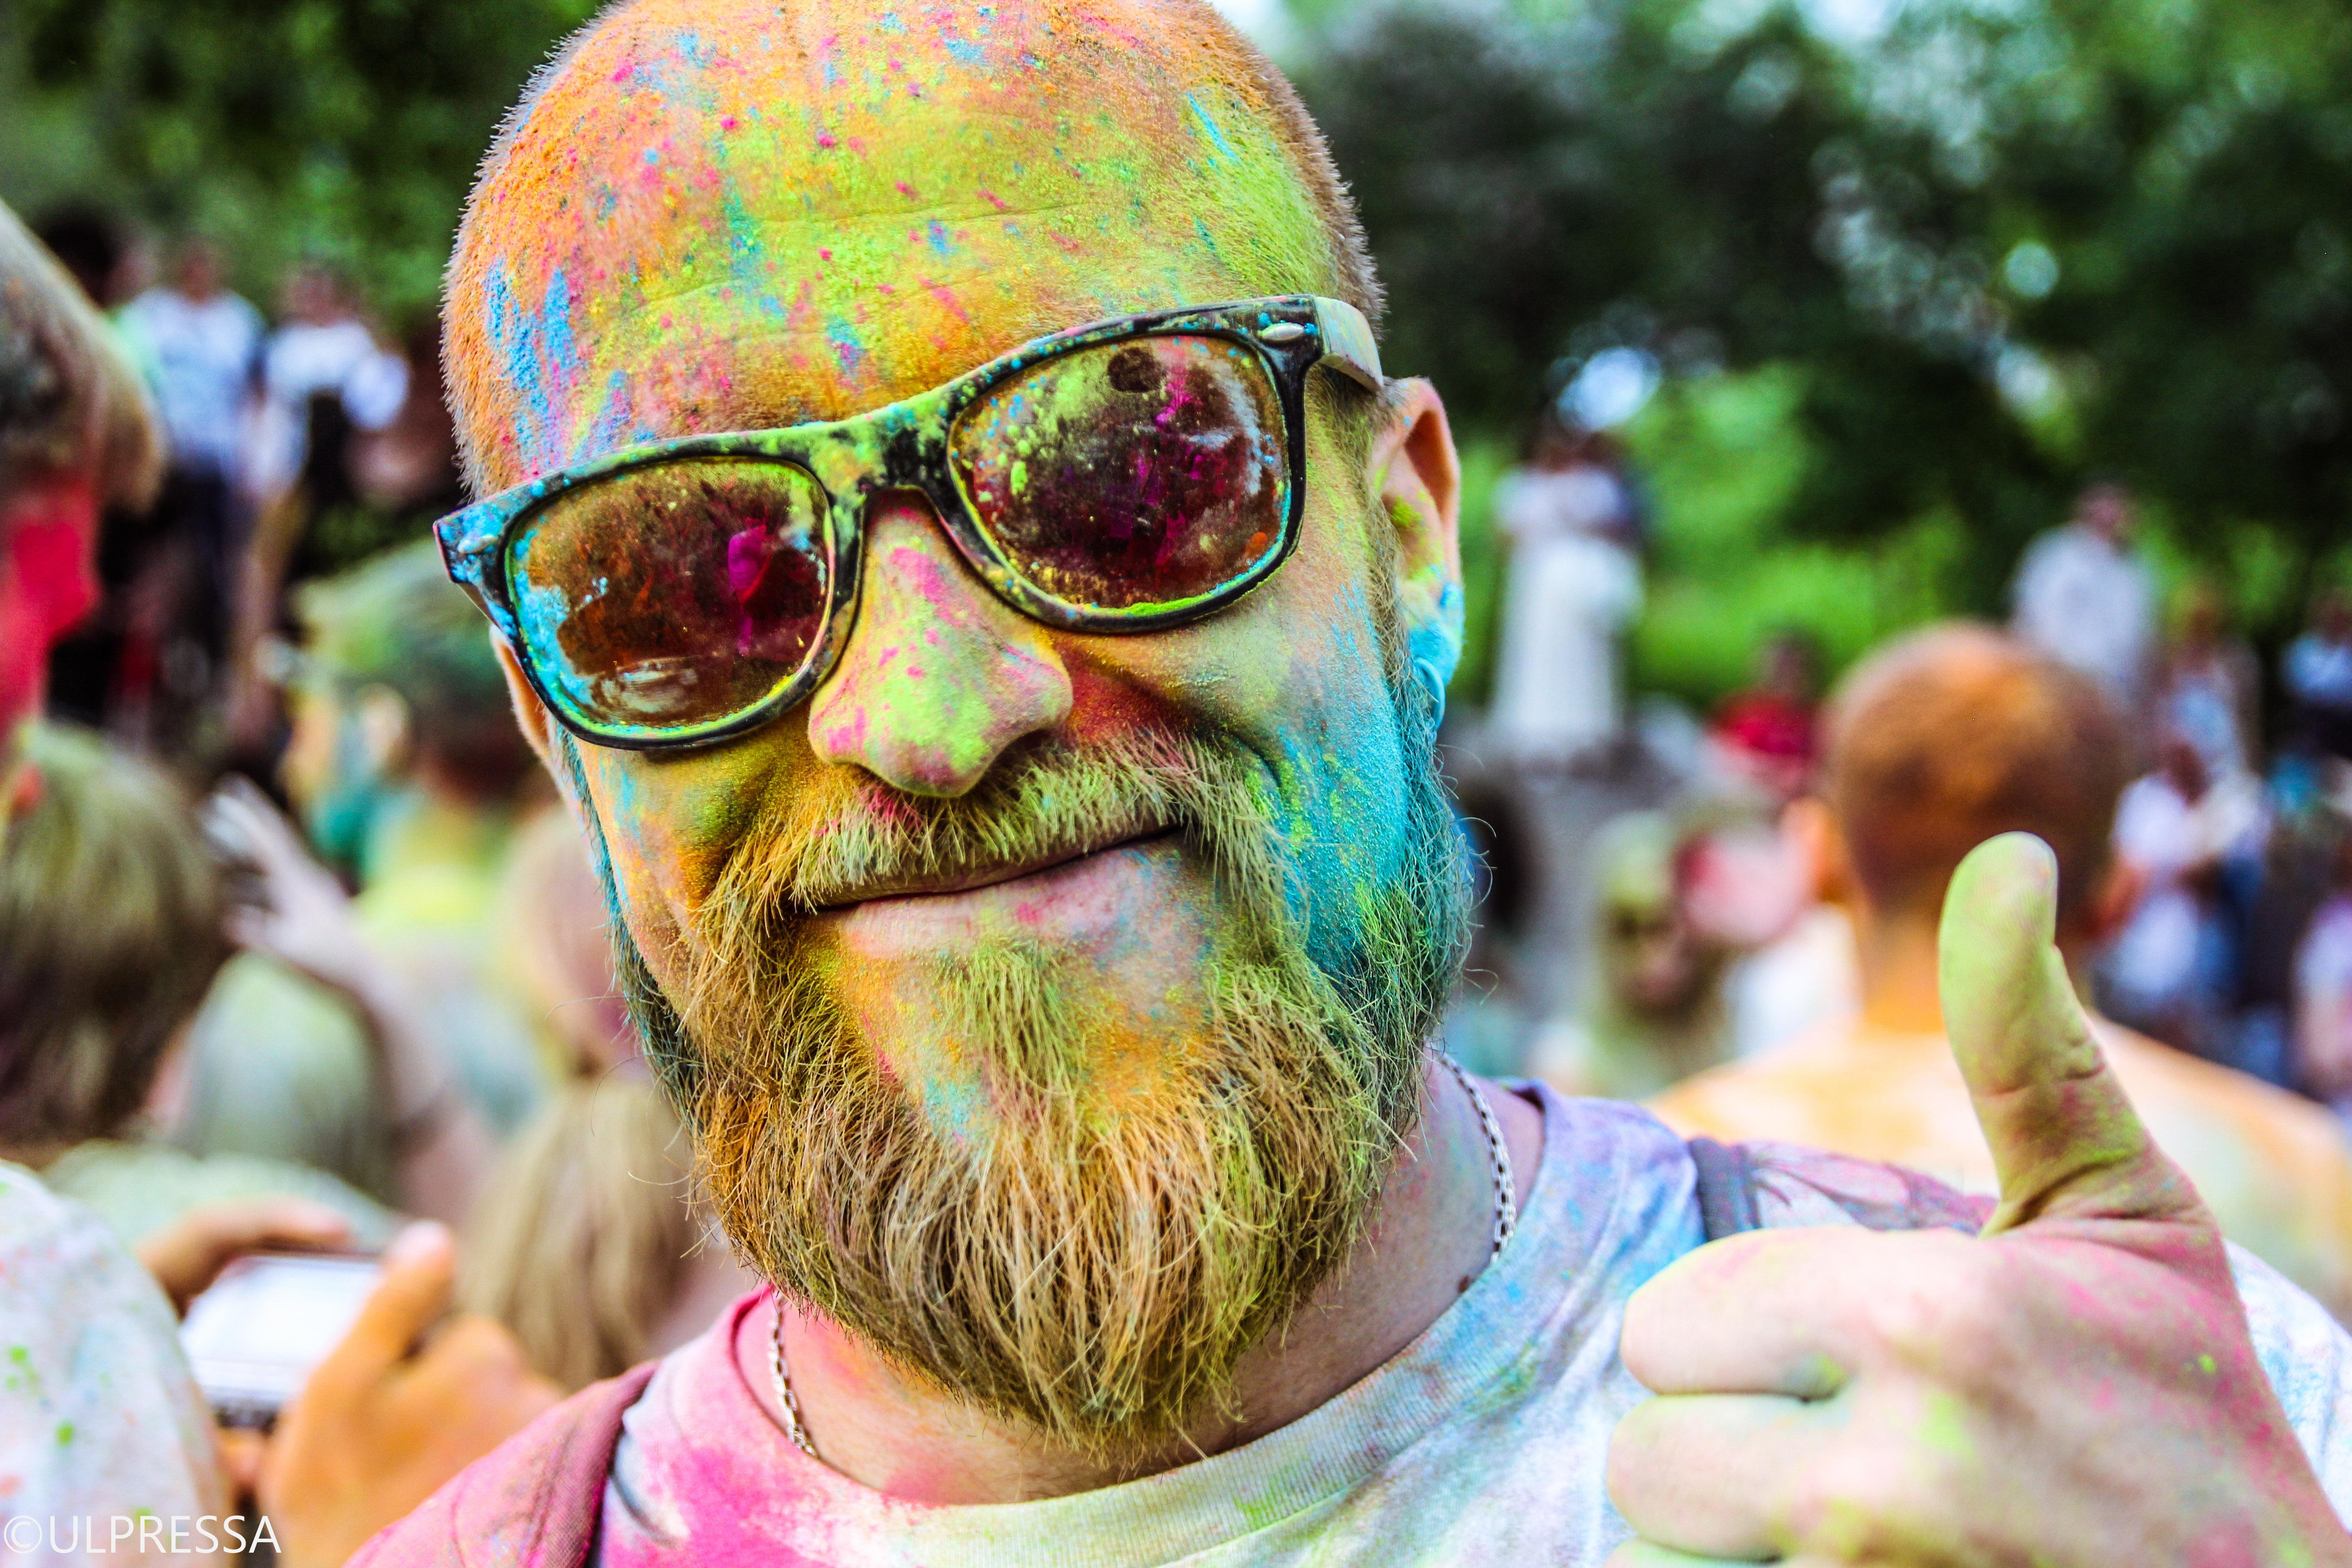 Разноцветные фотографии с людьми